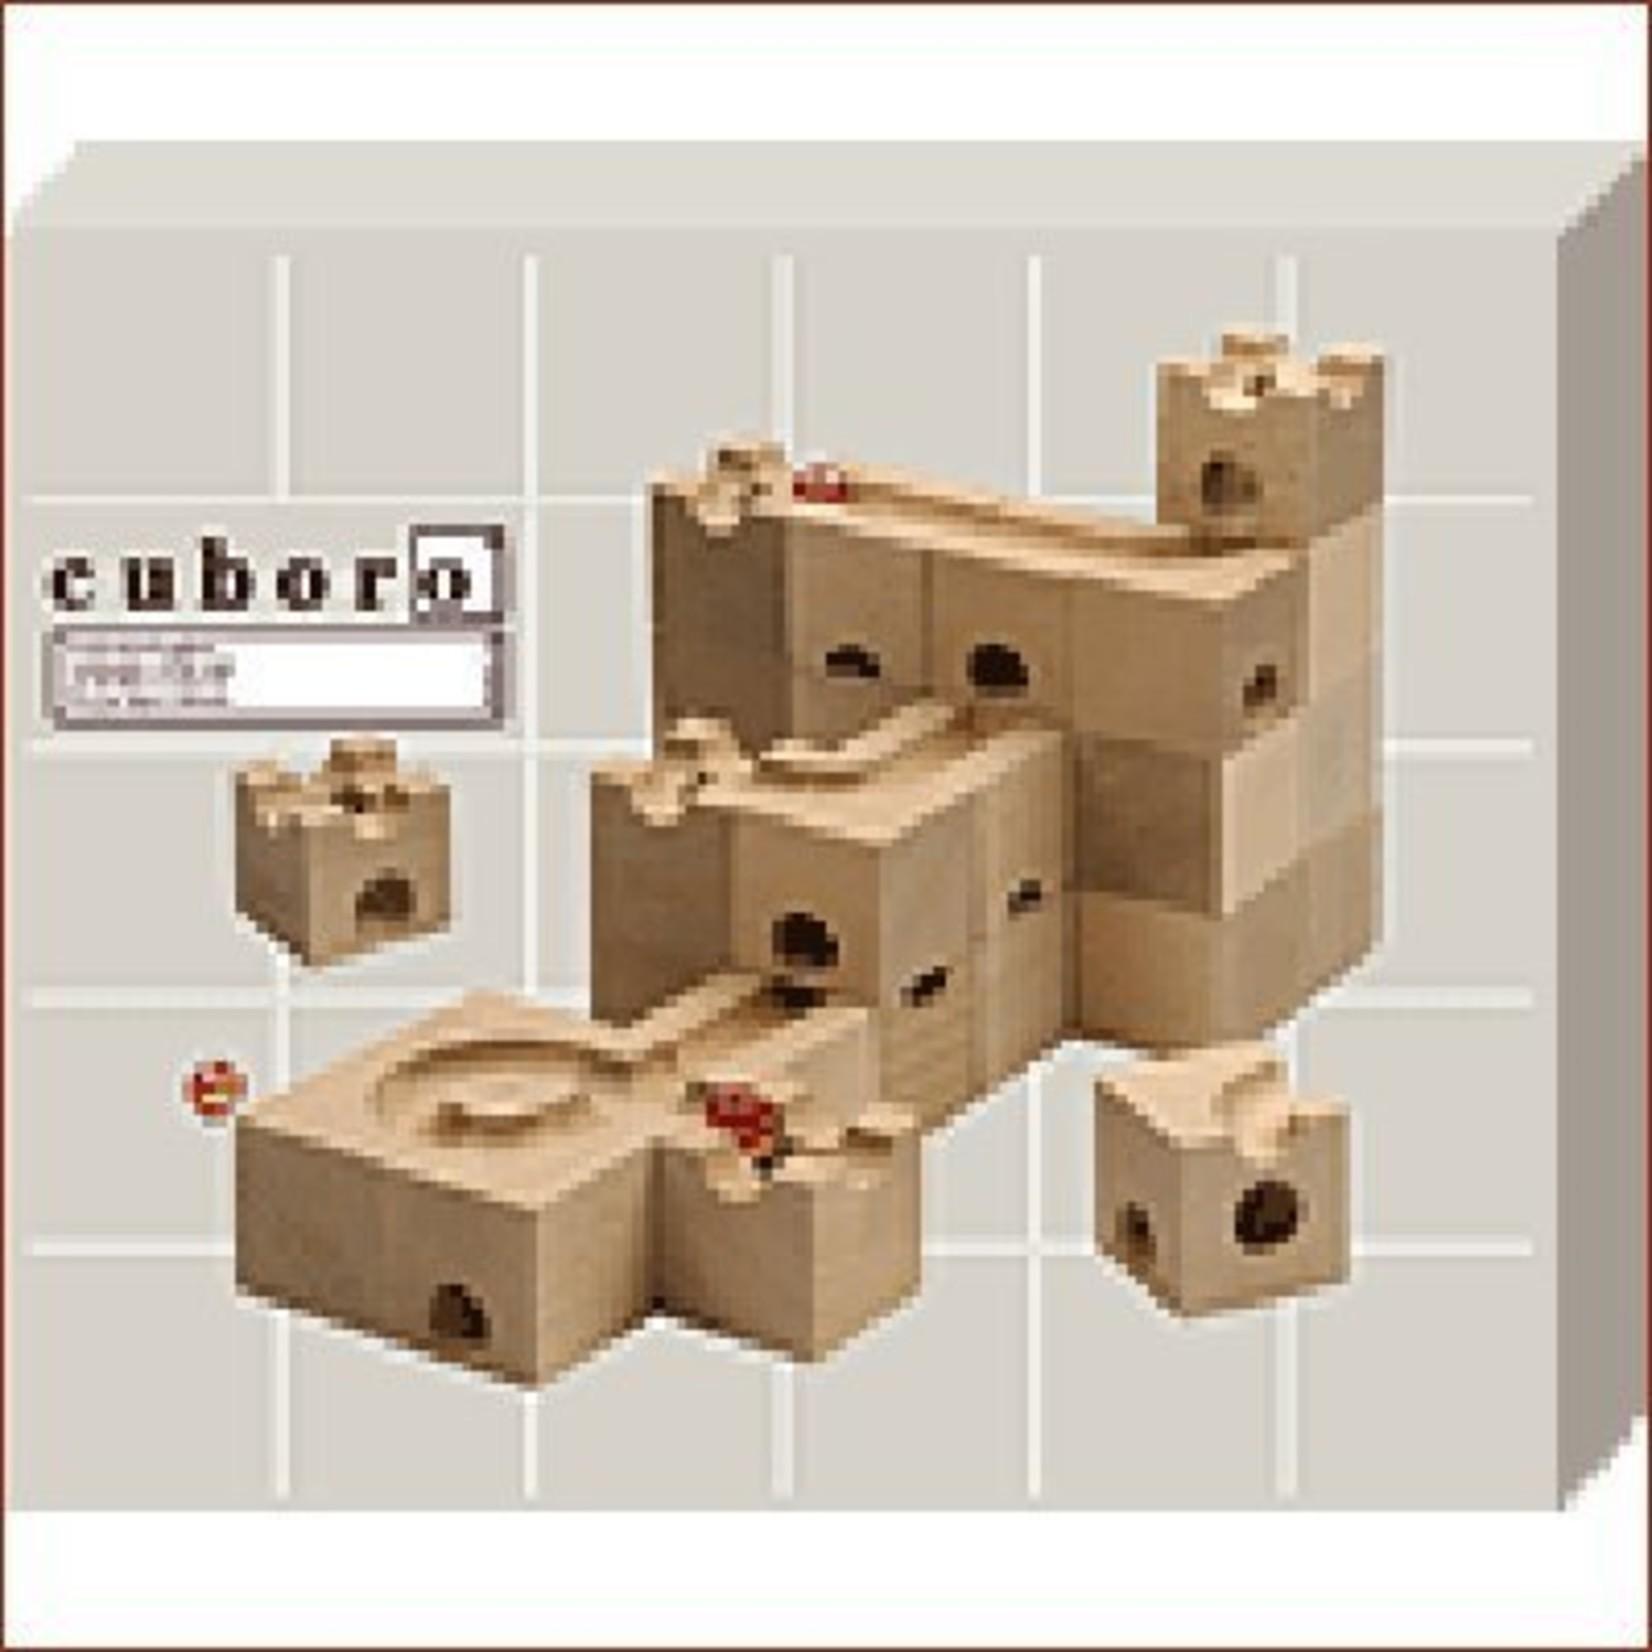 Cuboro Cuboro Startset Basis